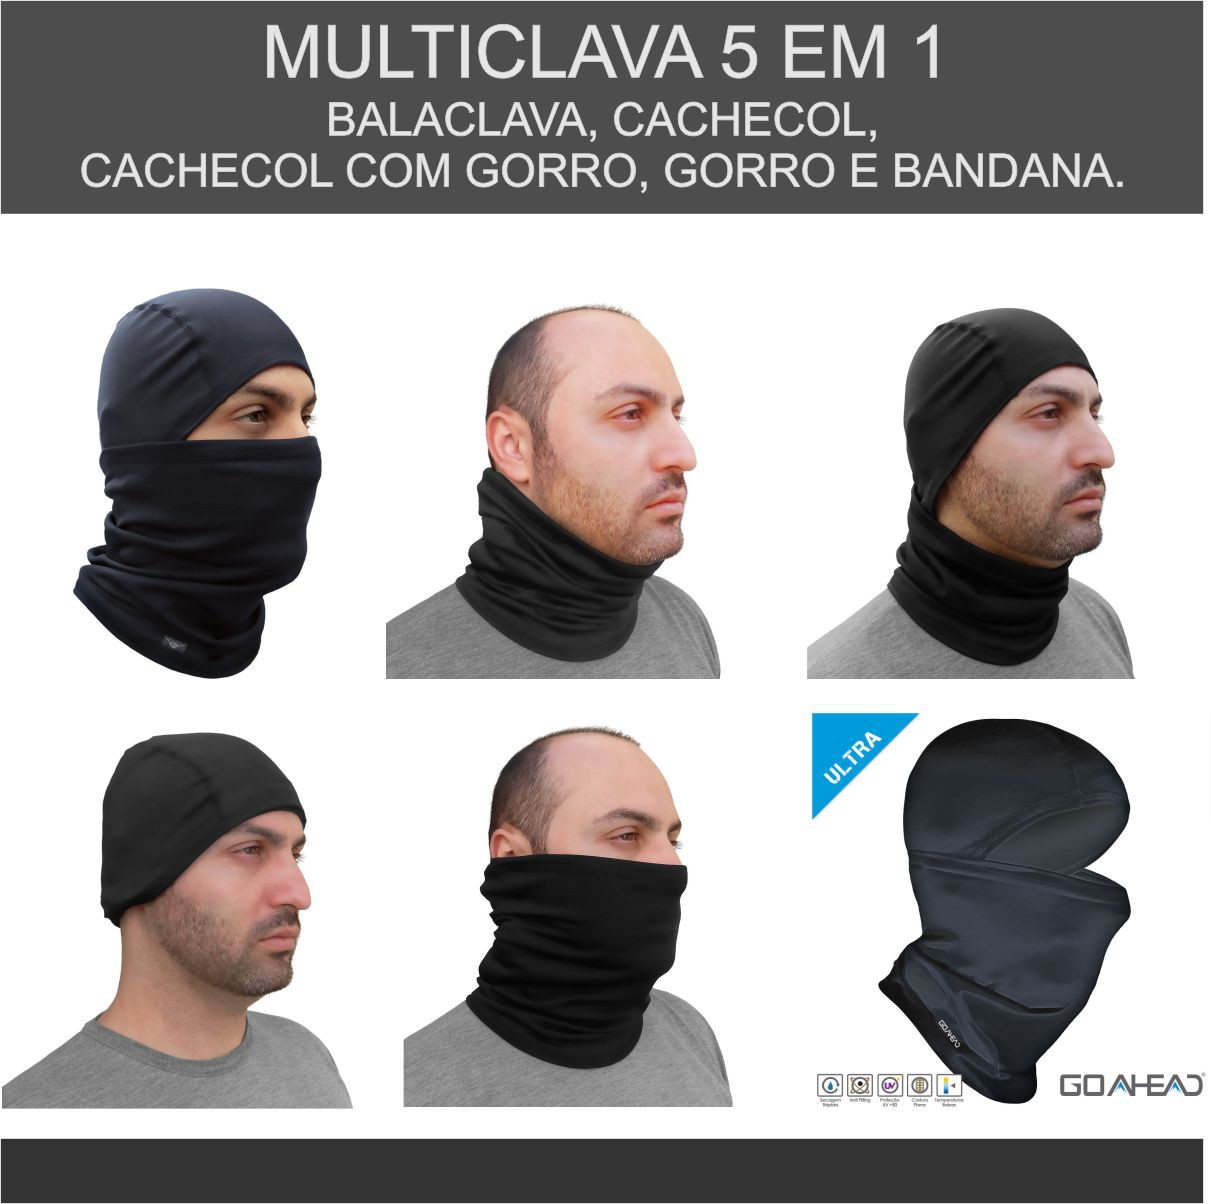 MULTICLAVA GO AHEAD PRETO TAMANHO ÚNICO ULTRA ( FRIO - INVERNO )